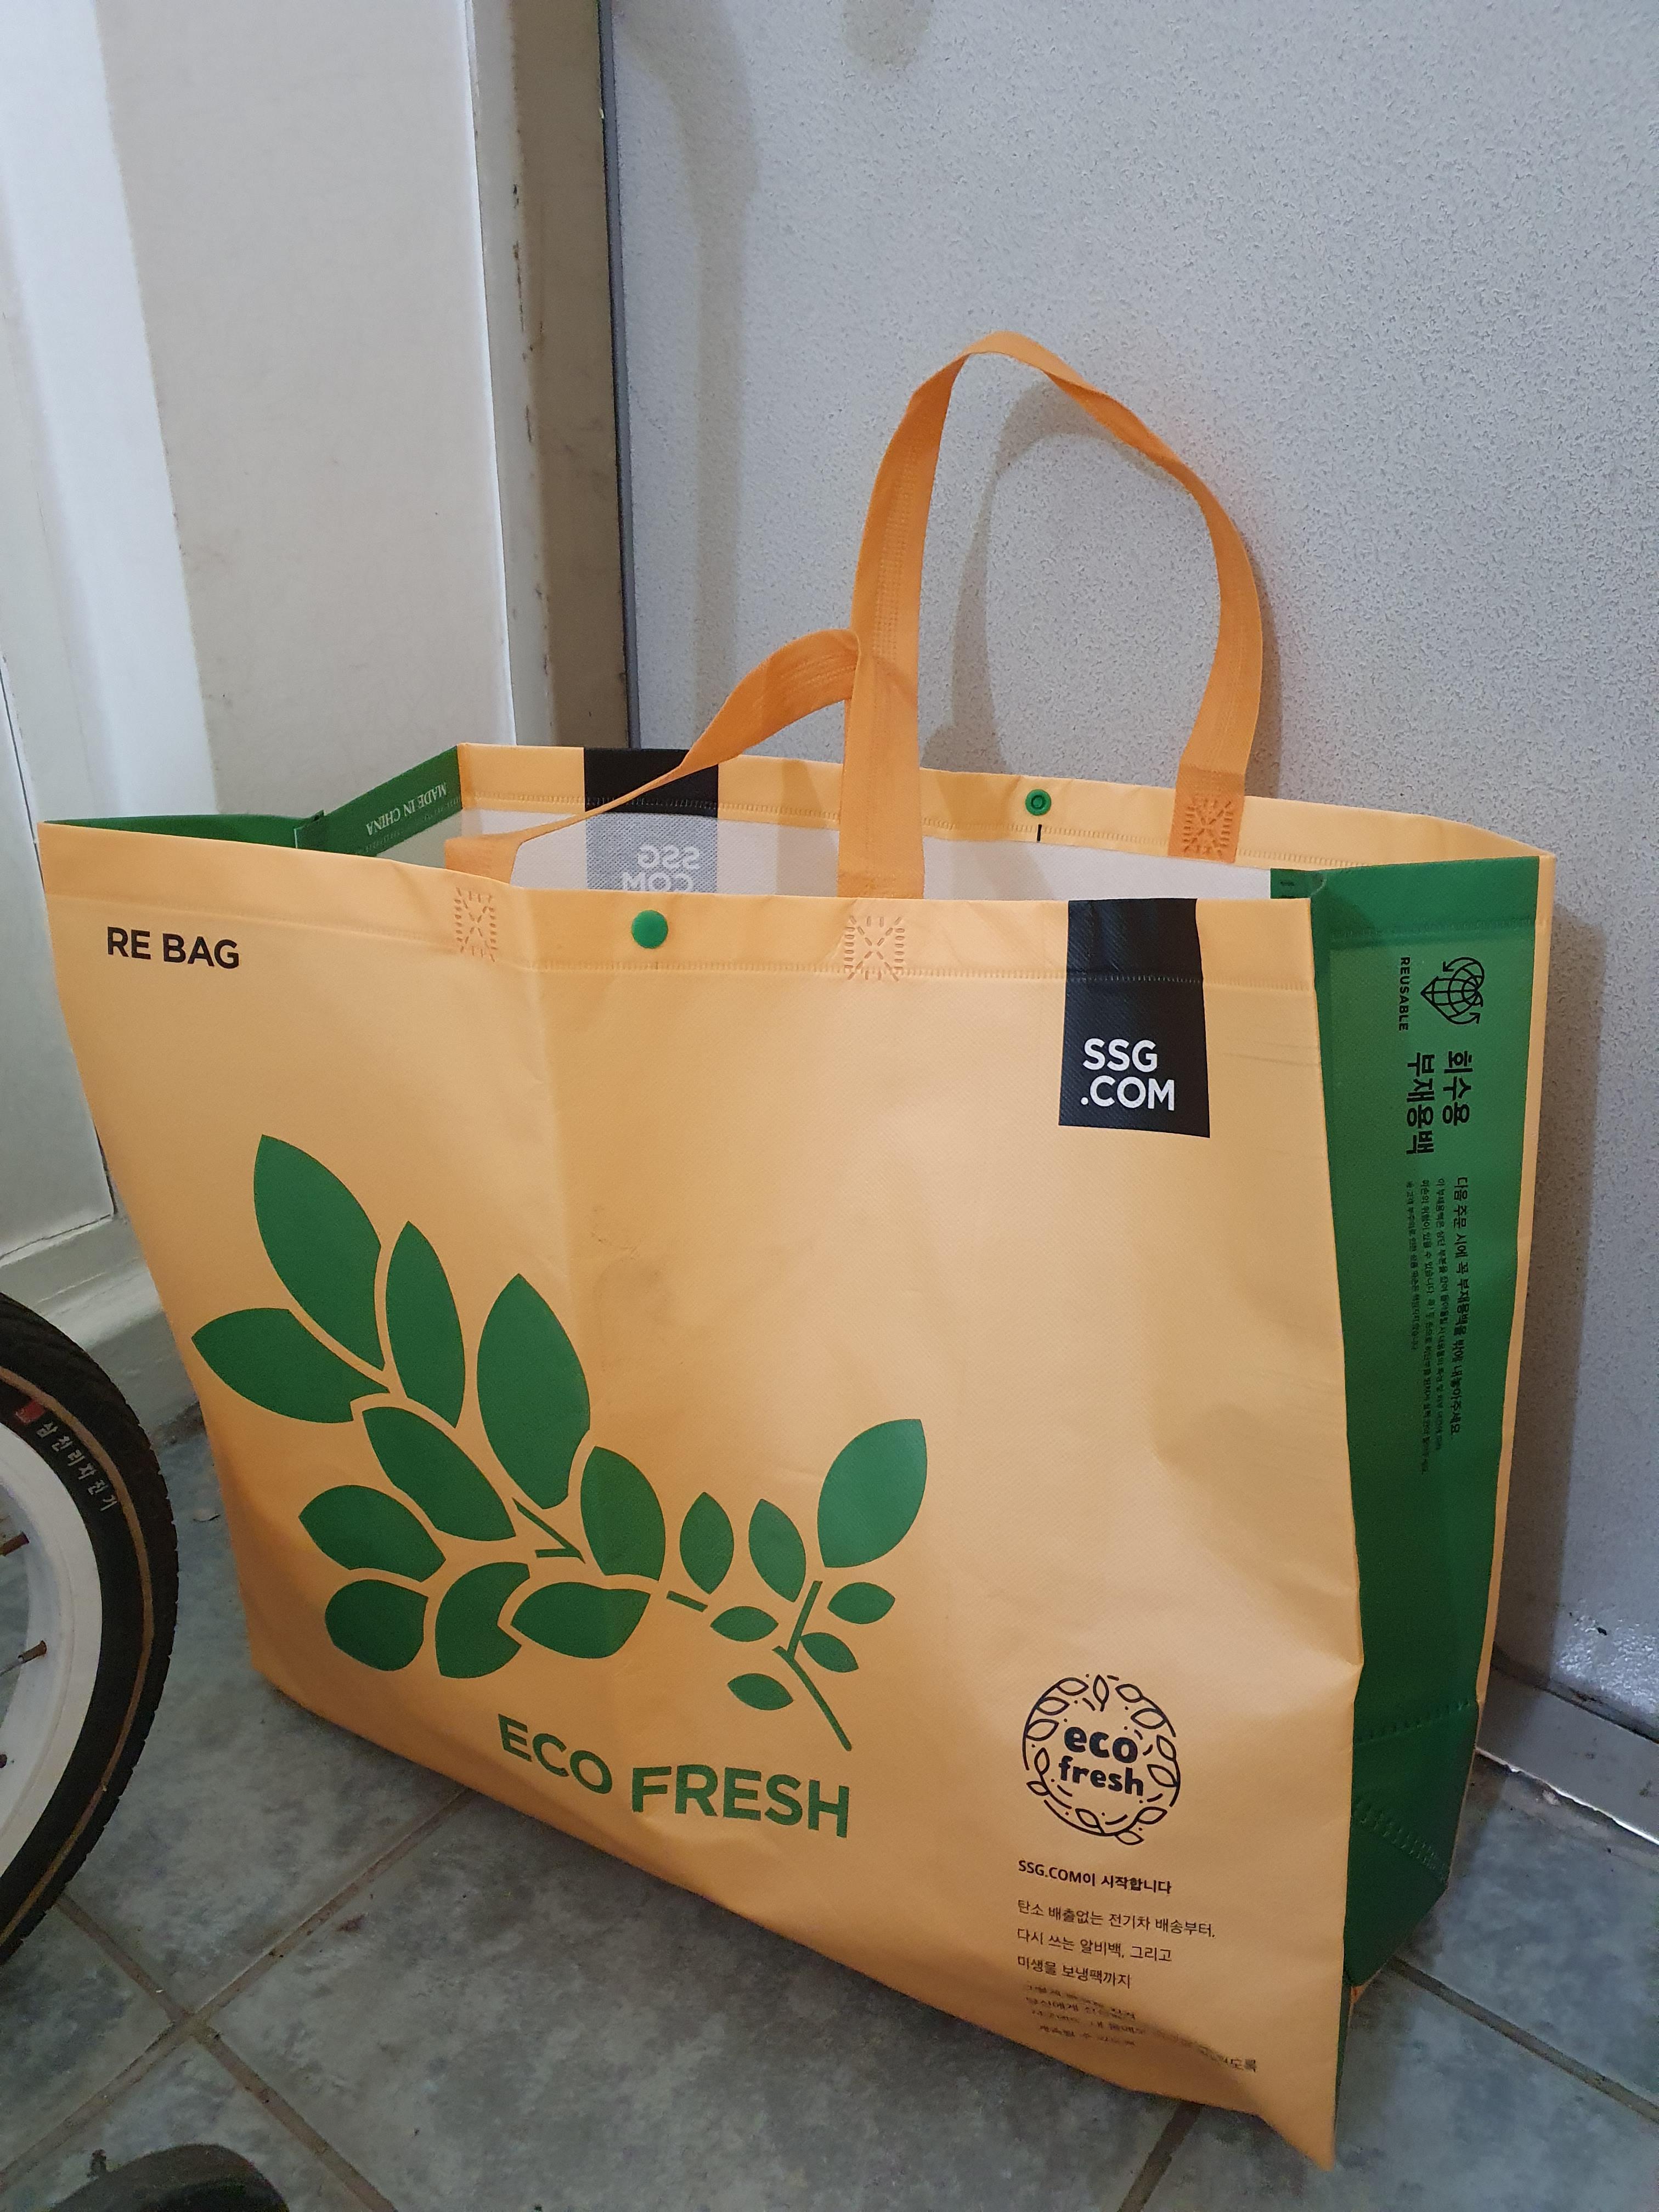 쓱배송 RE:BAG, 주문한 적 없는 예쁜 노란색 가방이 왔다